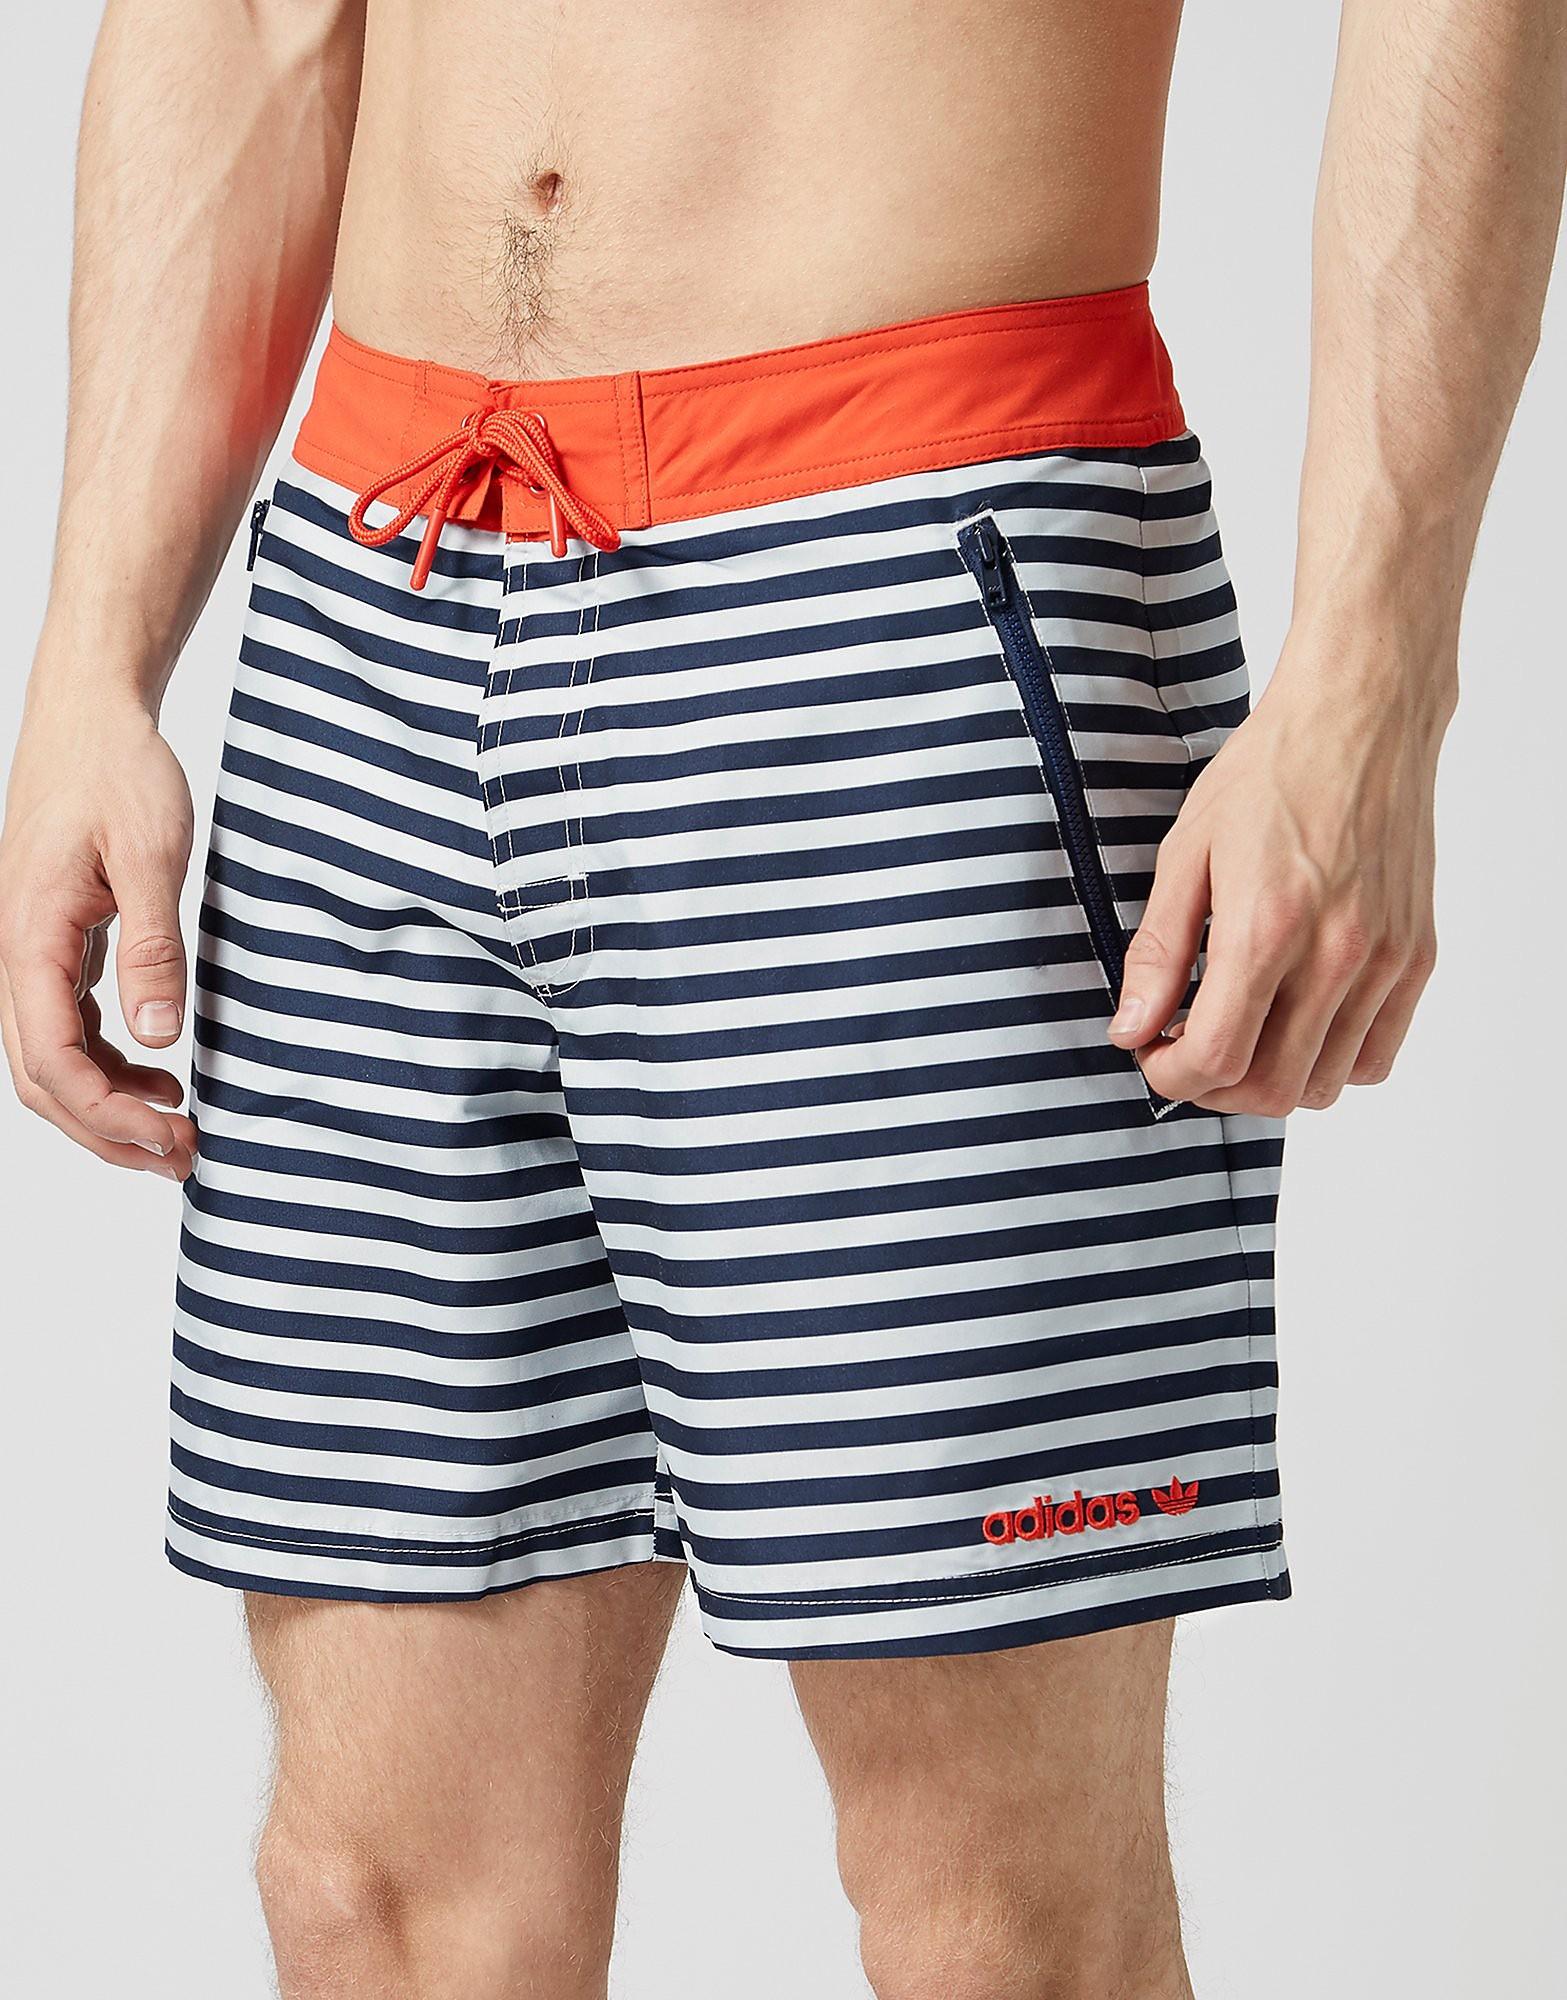 adidas Originals Stripe Swim Shorts